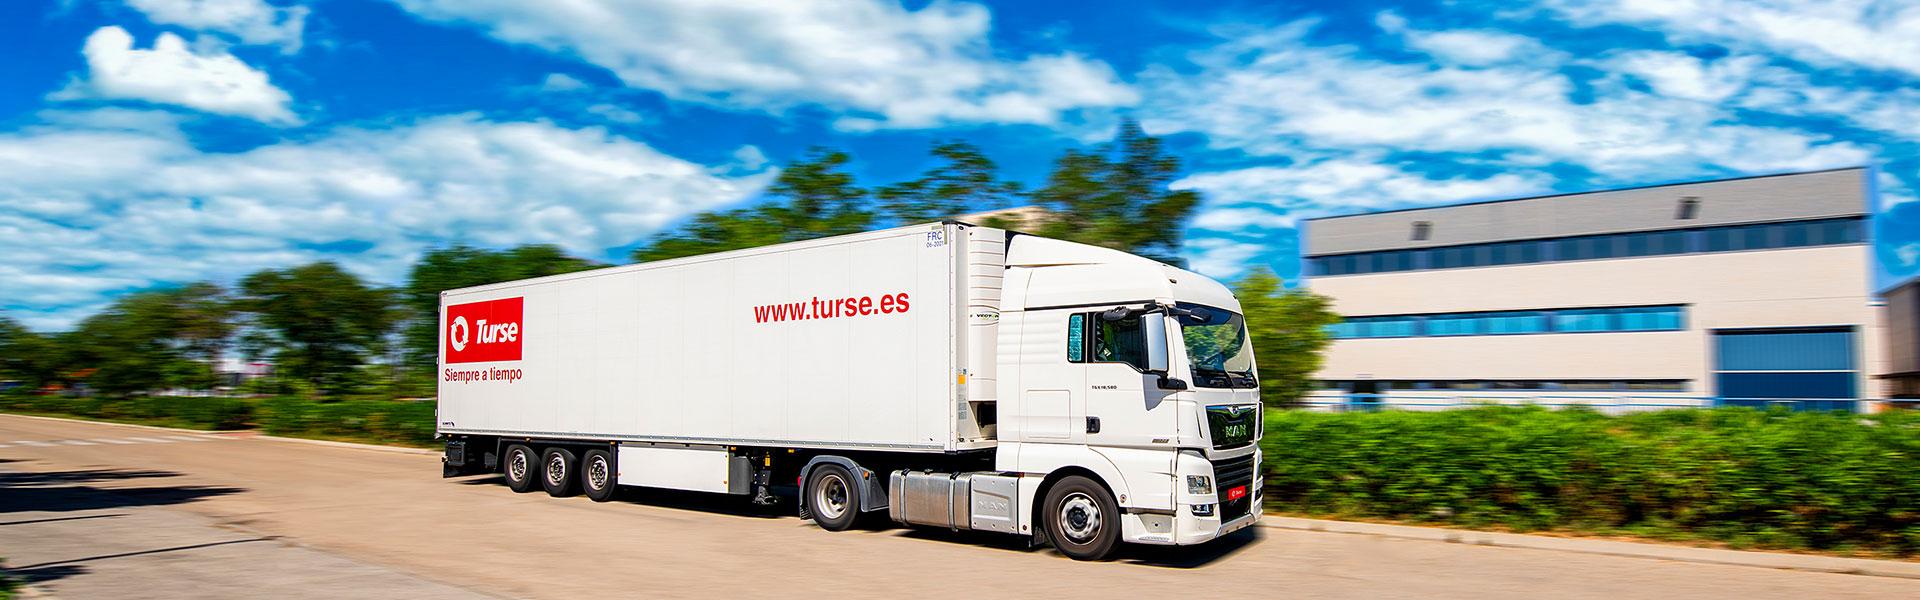 Turse - Empresa de transporte y logística